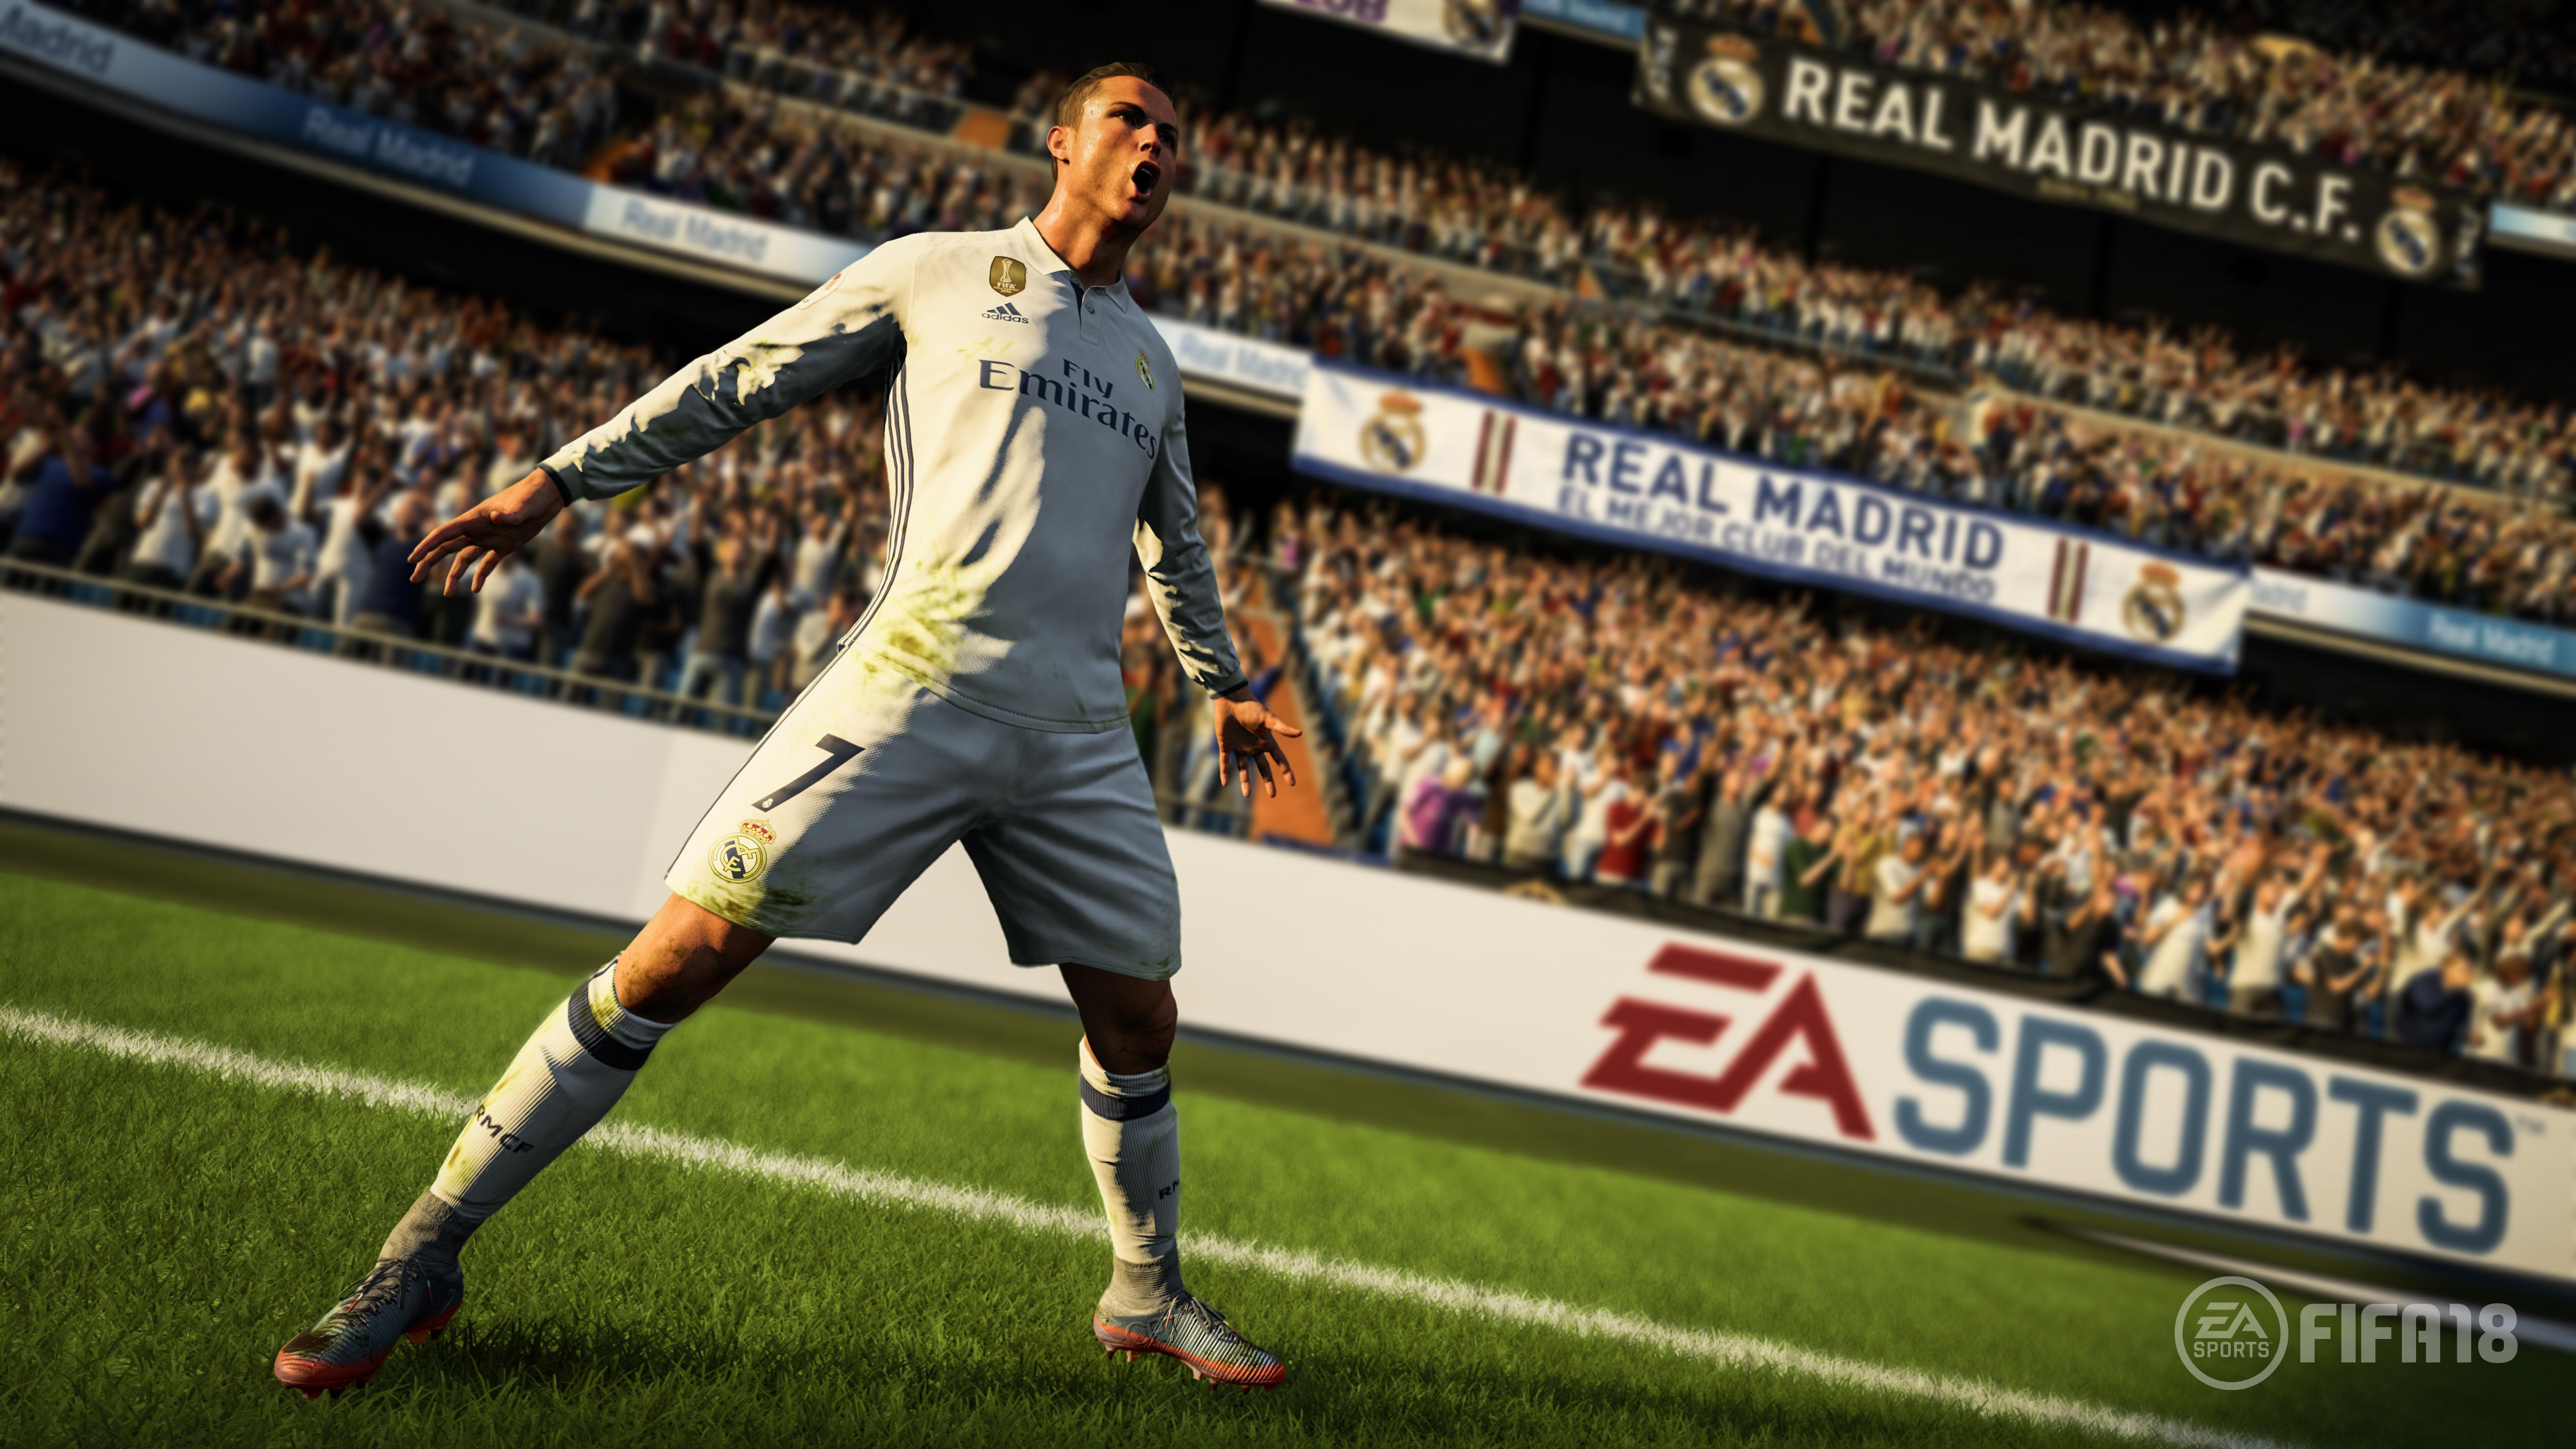 Cristiano Ronaldo celebrates after concealment a suspicion in the FIFA 18 trailer